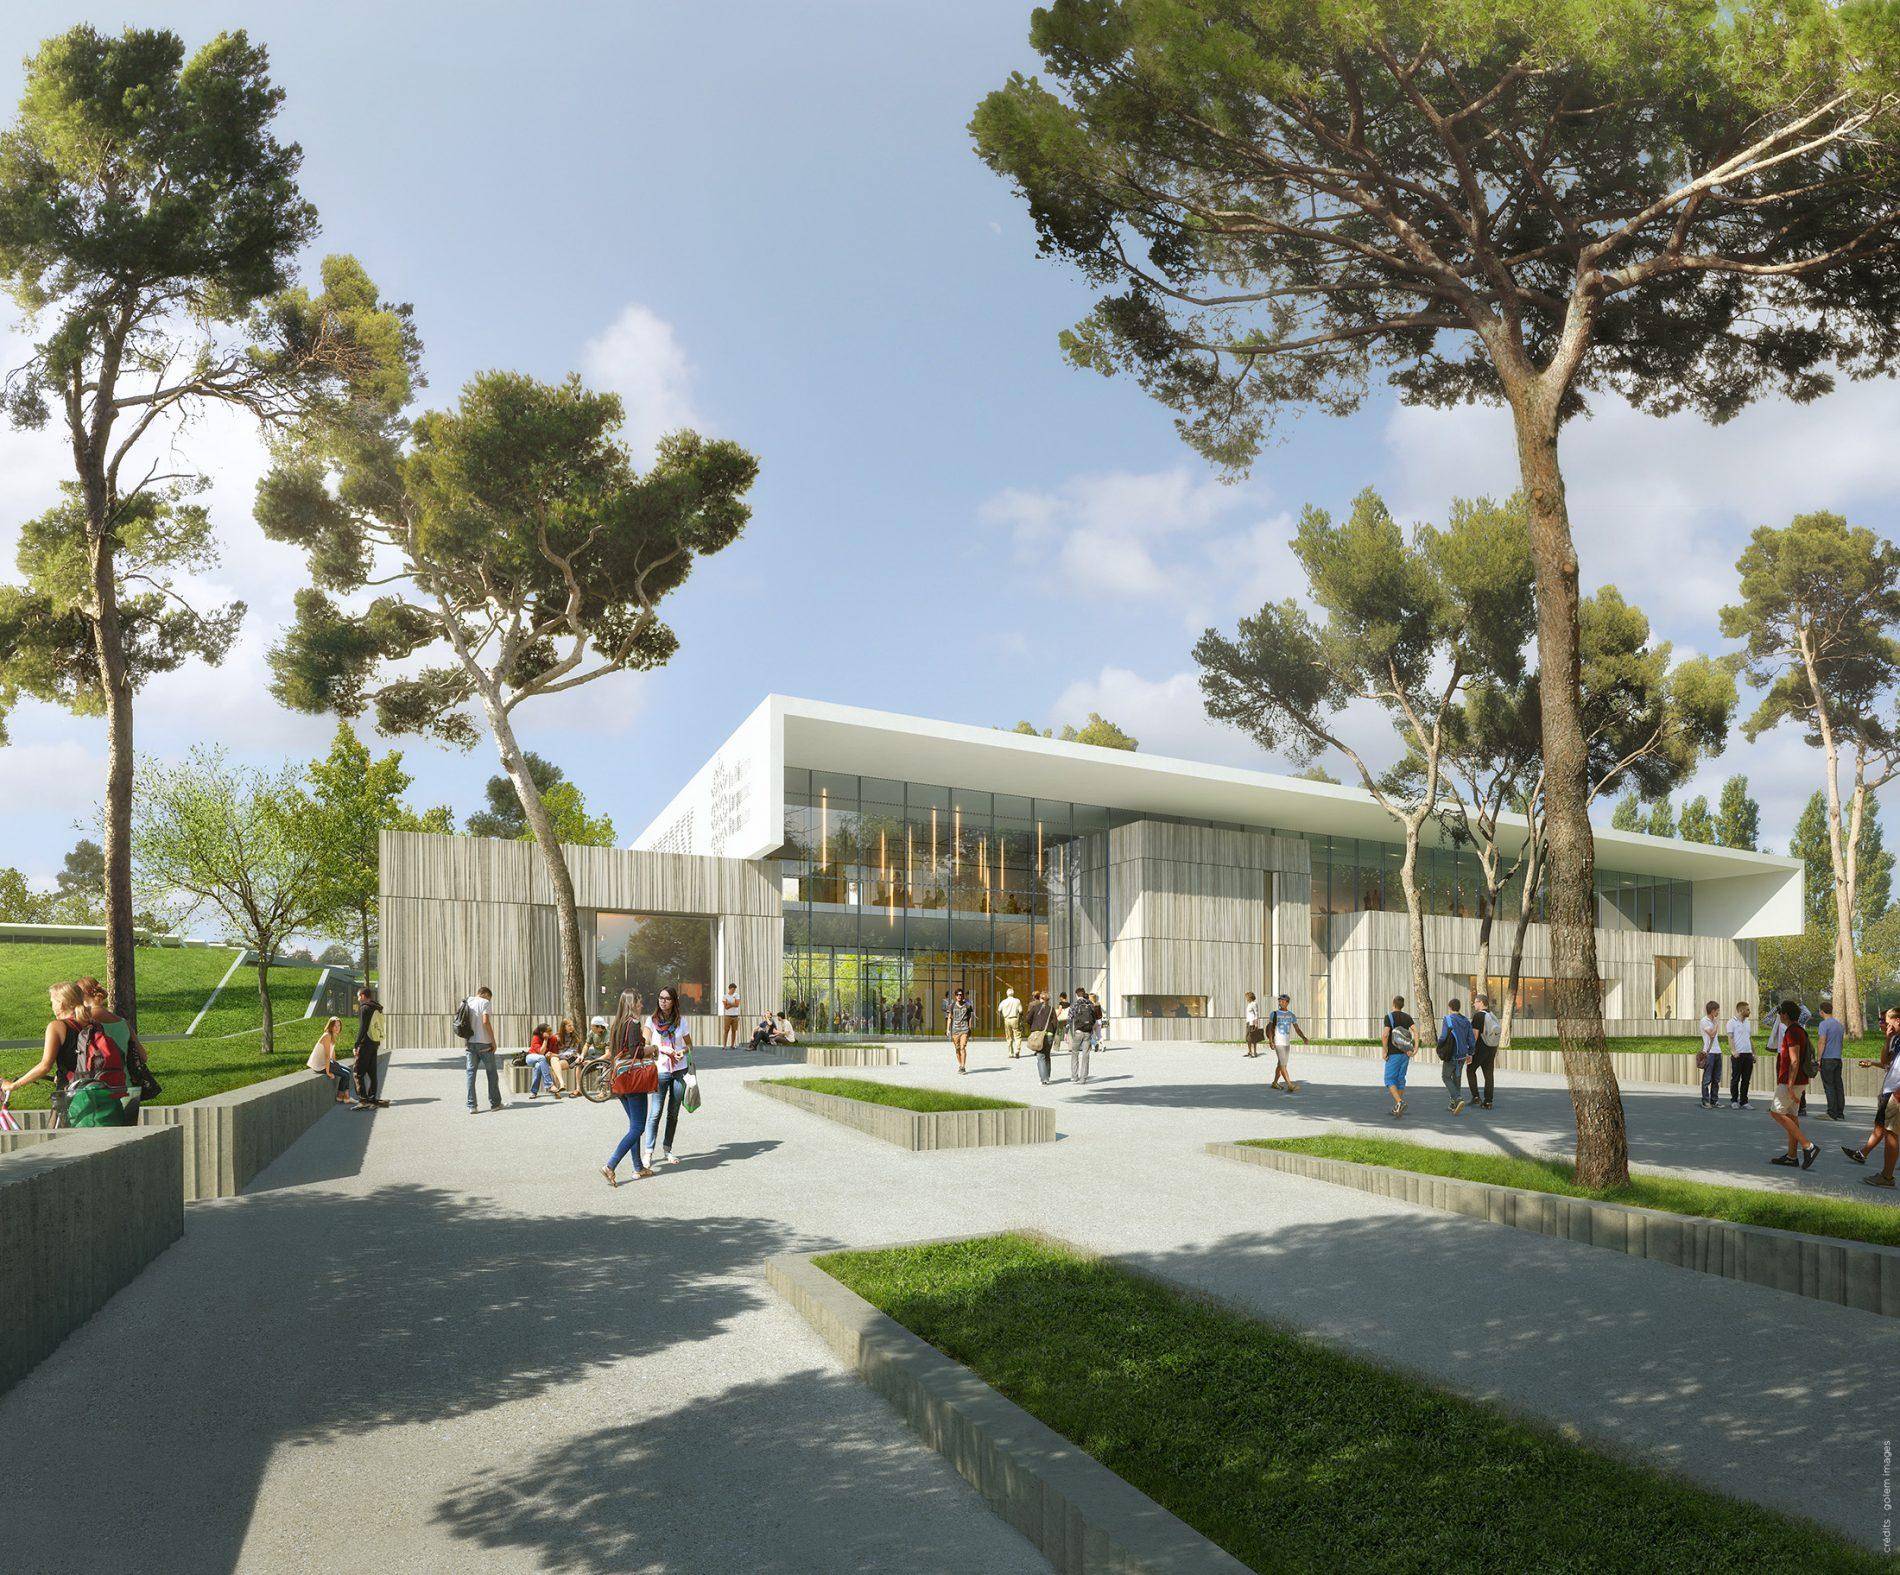 Image du concours d'architecture du Lycée de Castelnaudary, parvis de l'entrée minéral